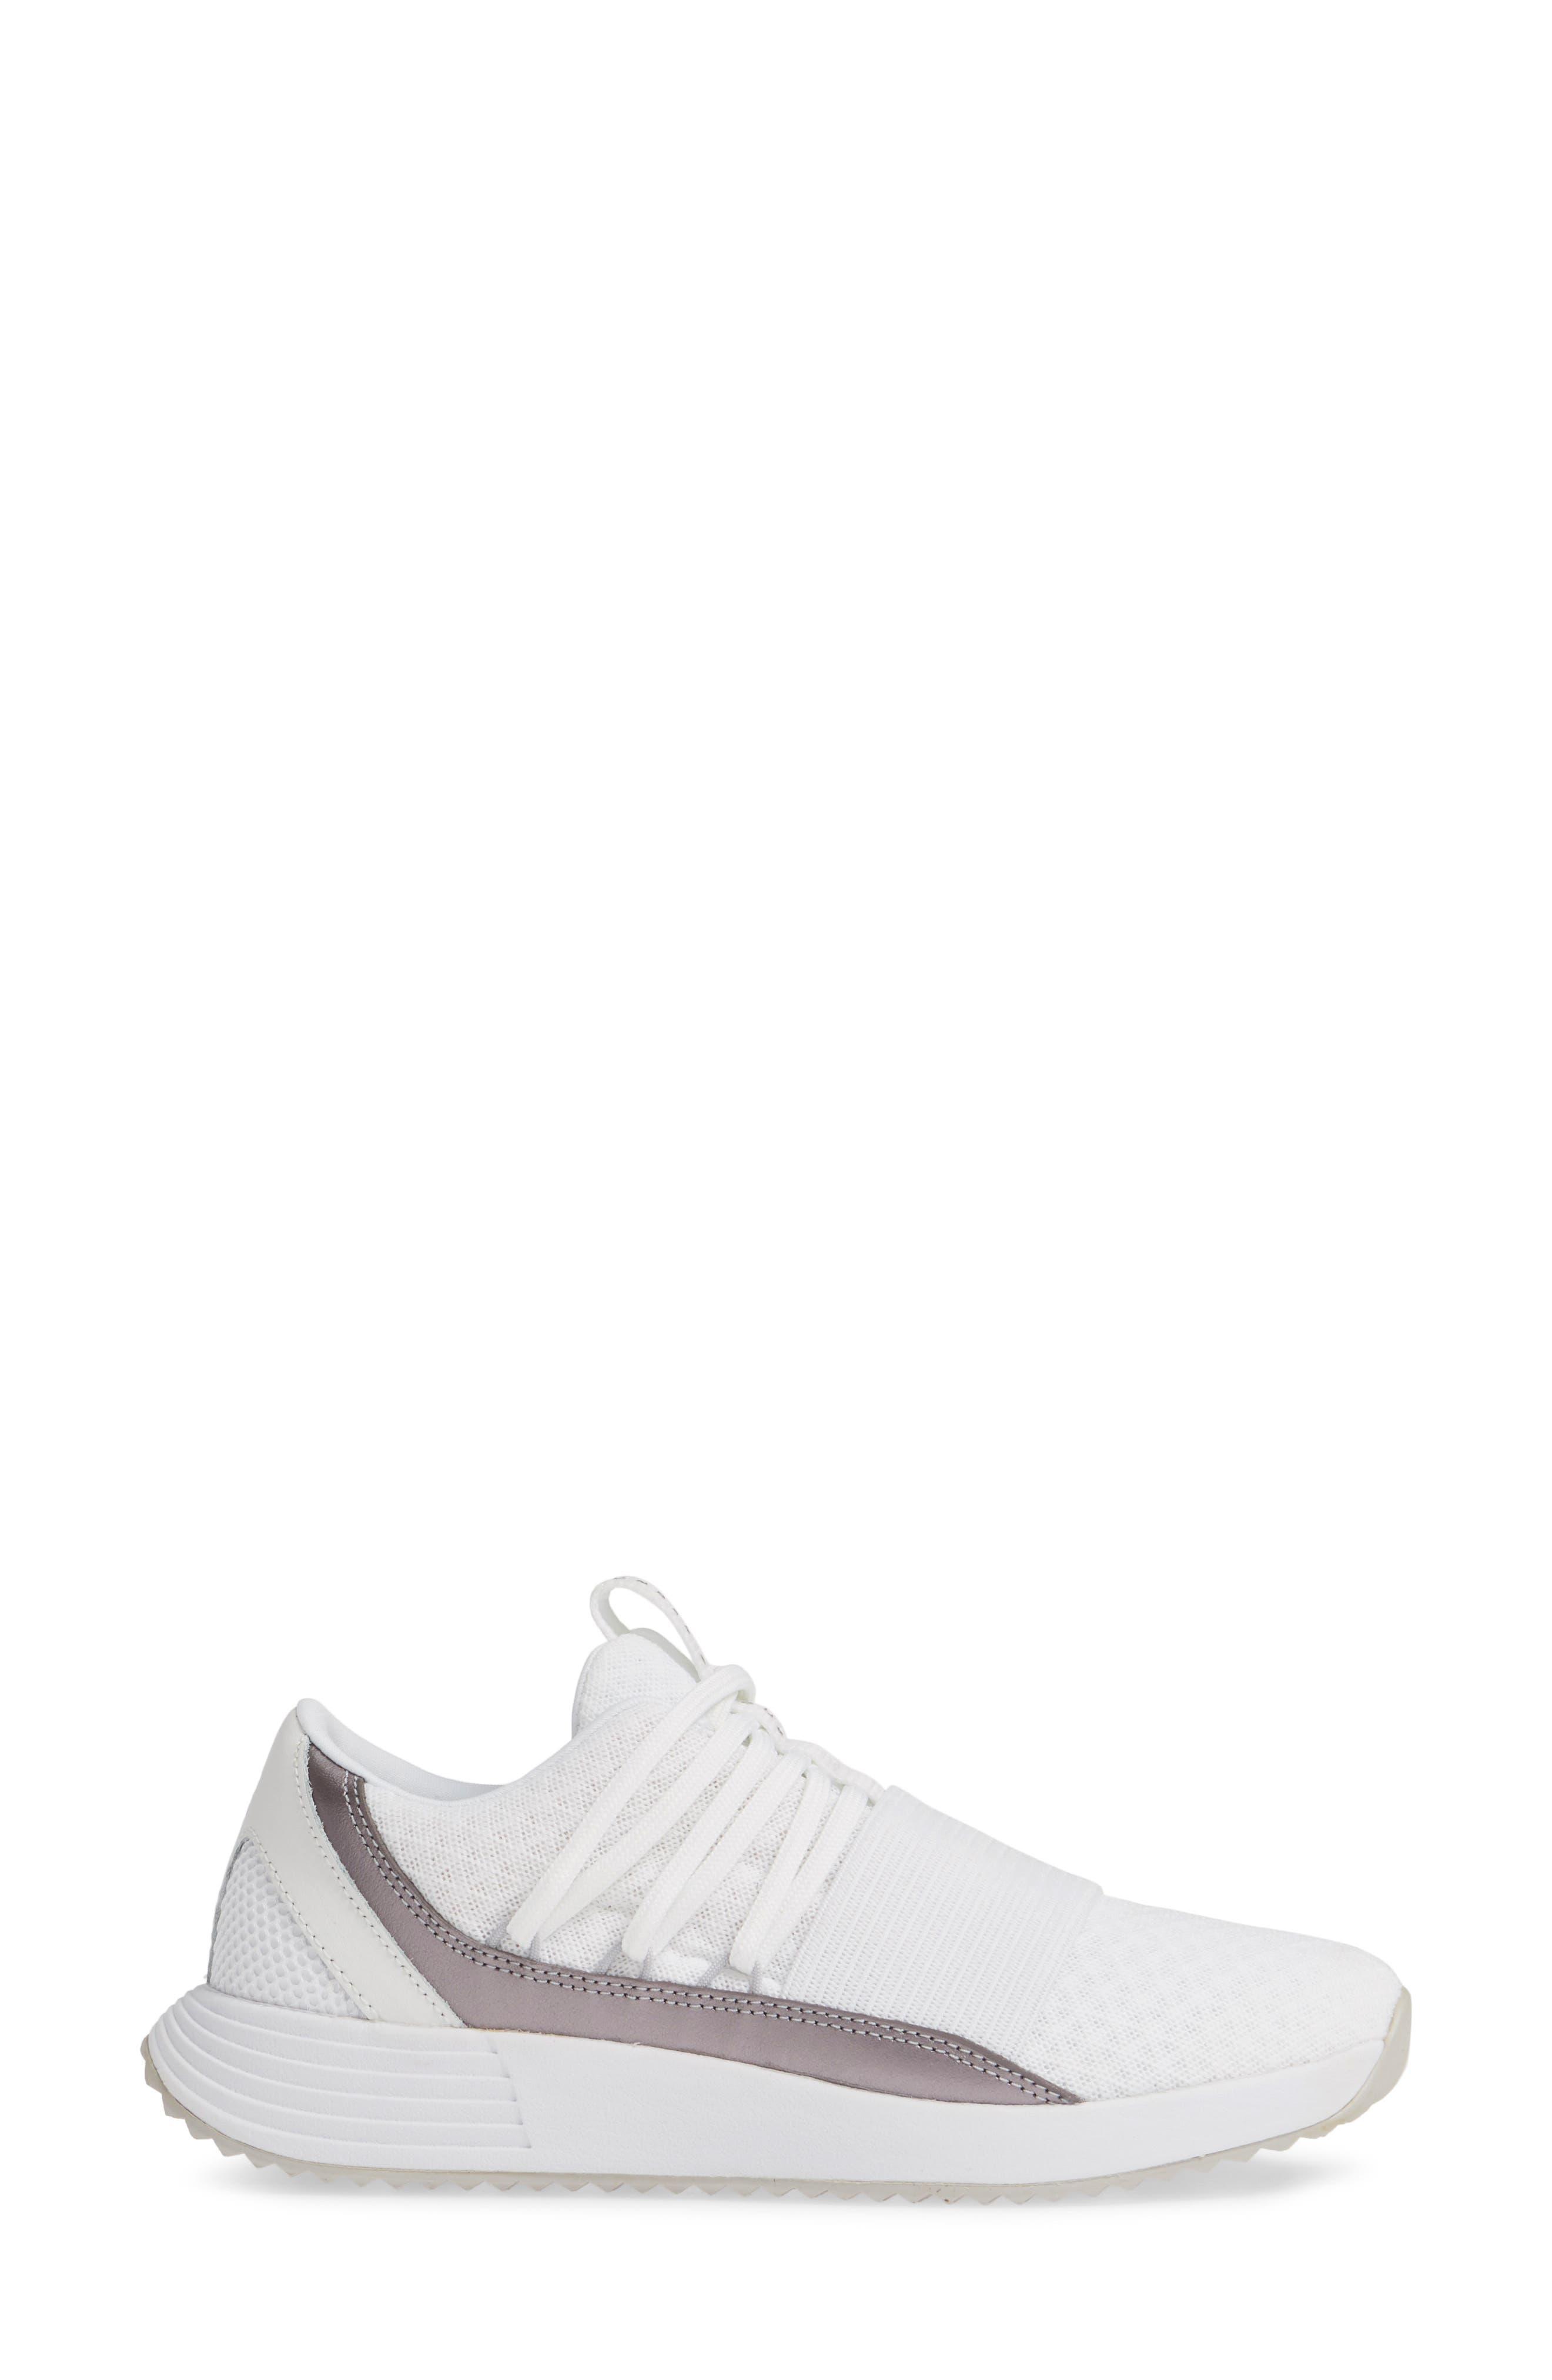 UNDER ARMOUR,                             Breathe Lace X NM Sneaker,                             Alternate thumbnail 3, color,                             WHITE/ WHITE/ METALLIC BLUSH